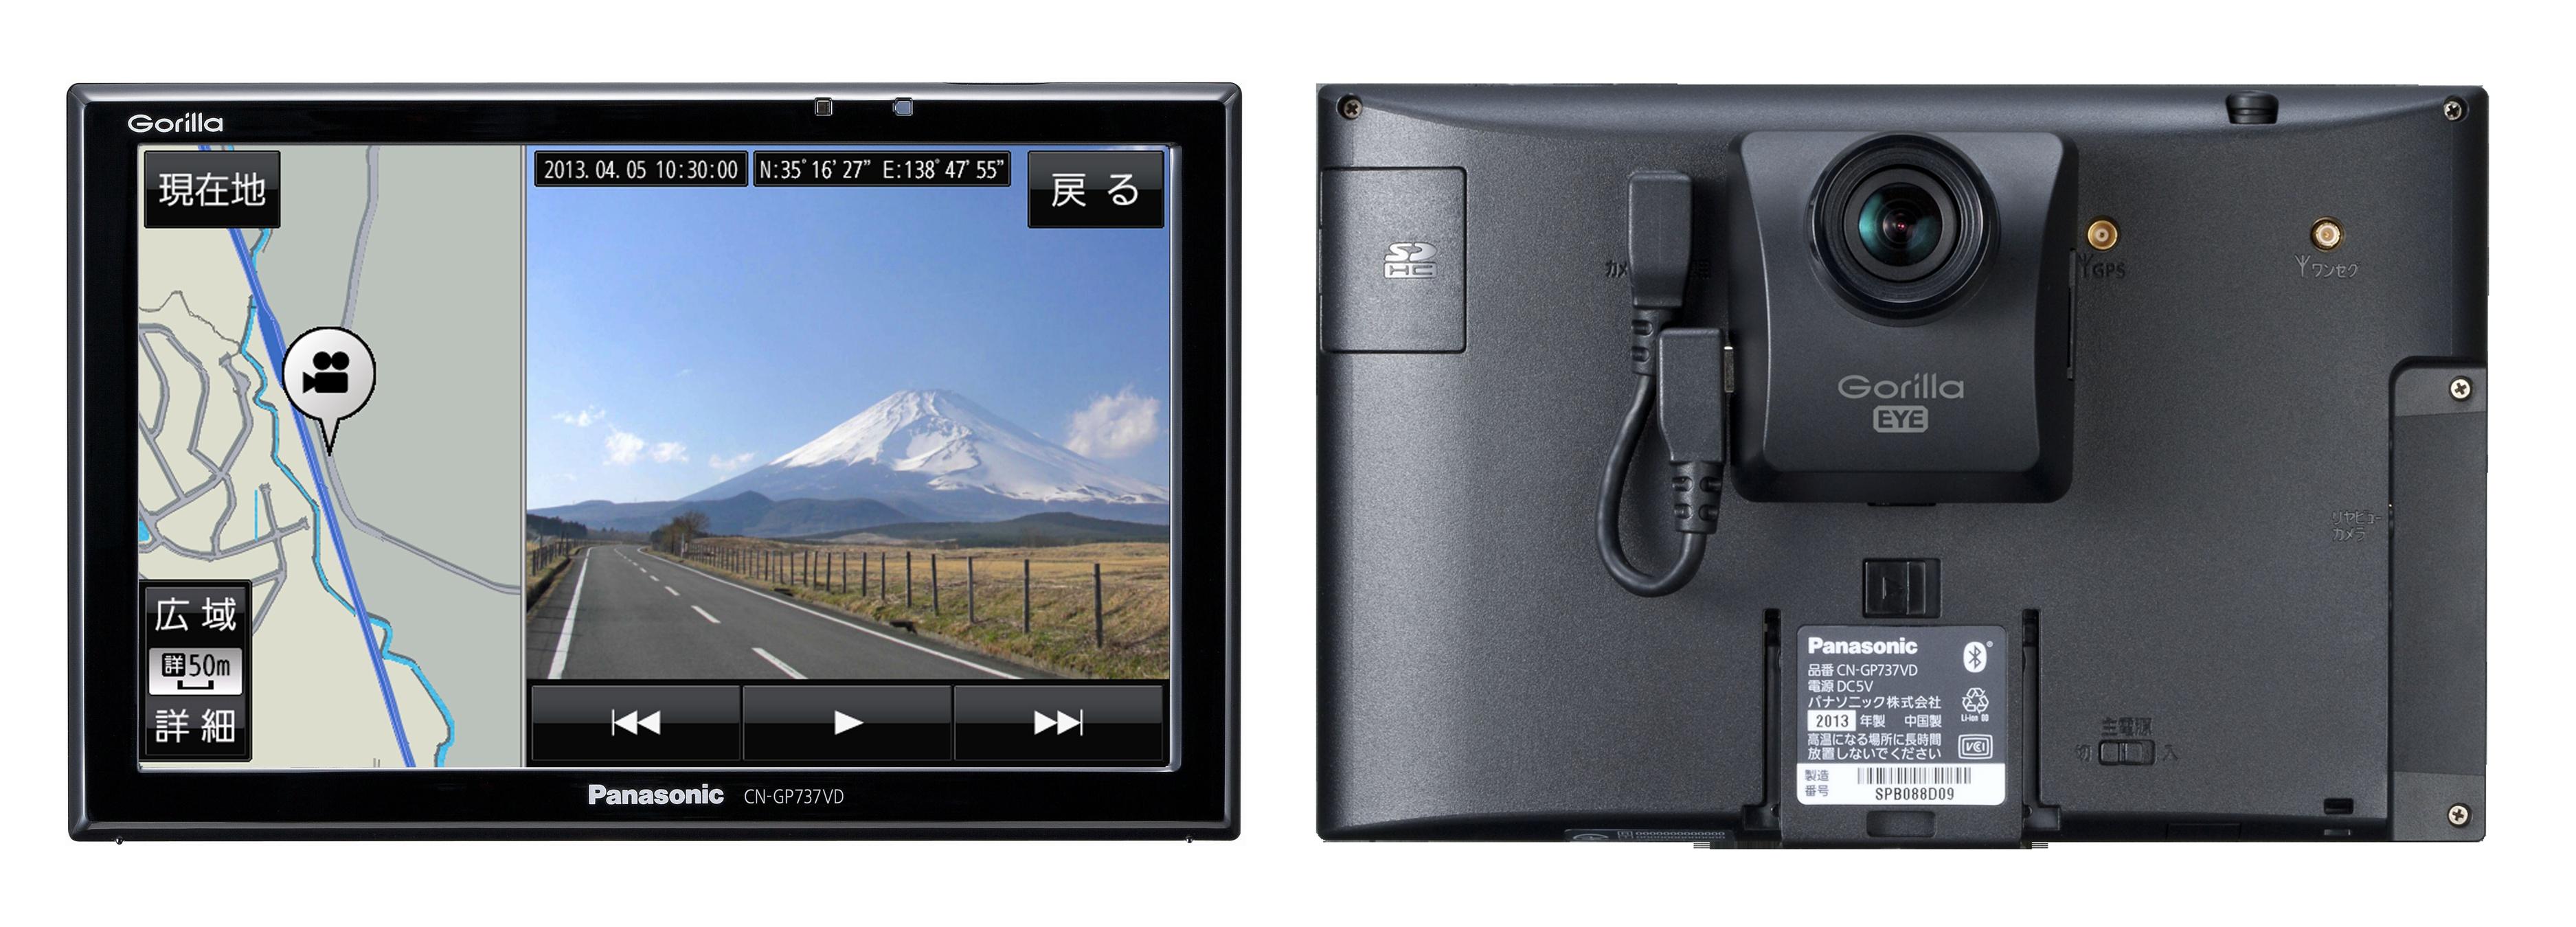 ドライブカメラ機能搭載 SSDポータブルカーナビゲーションゴリラEYE CN-GP737VD